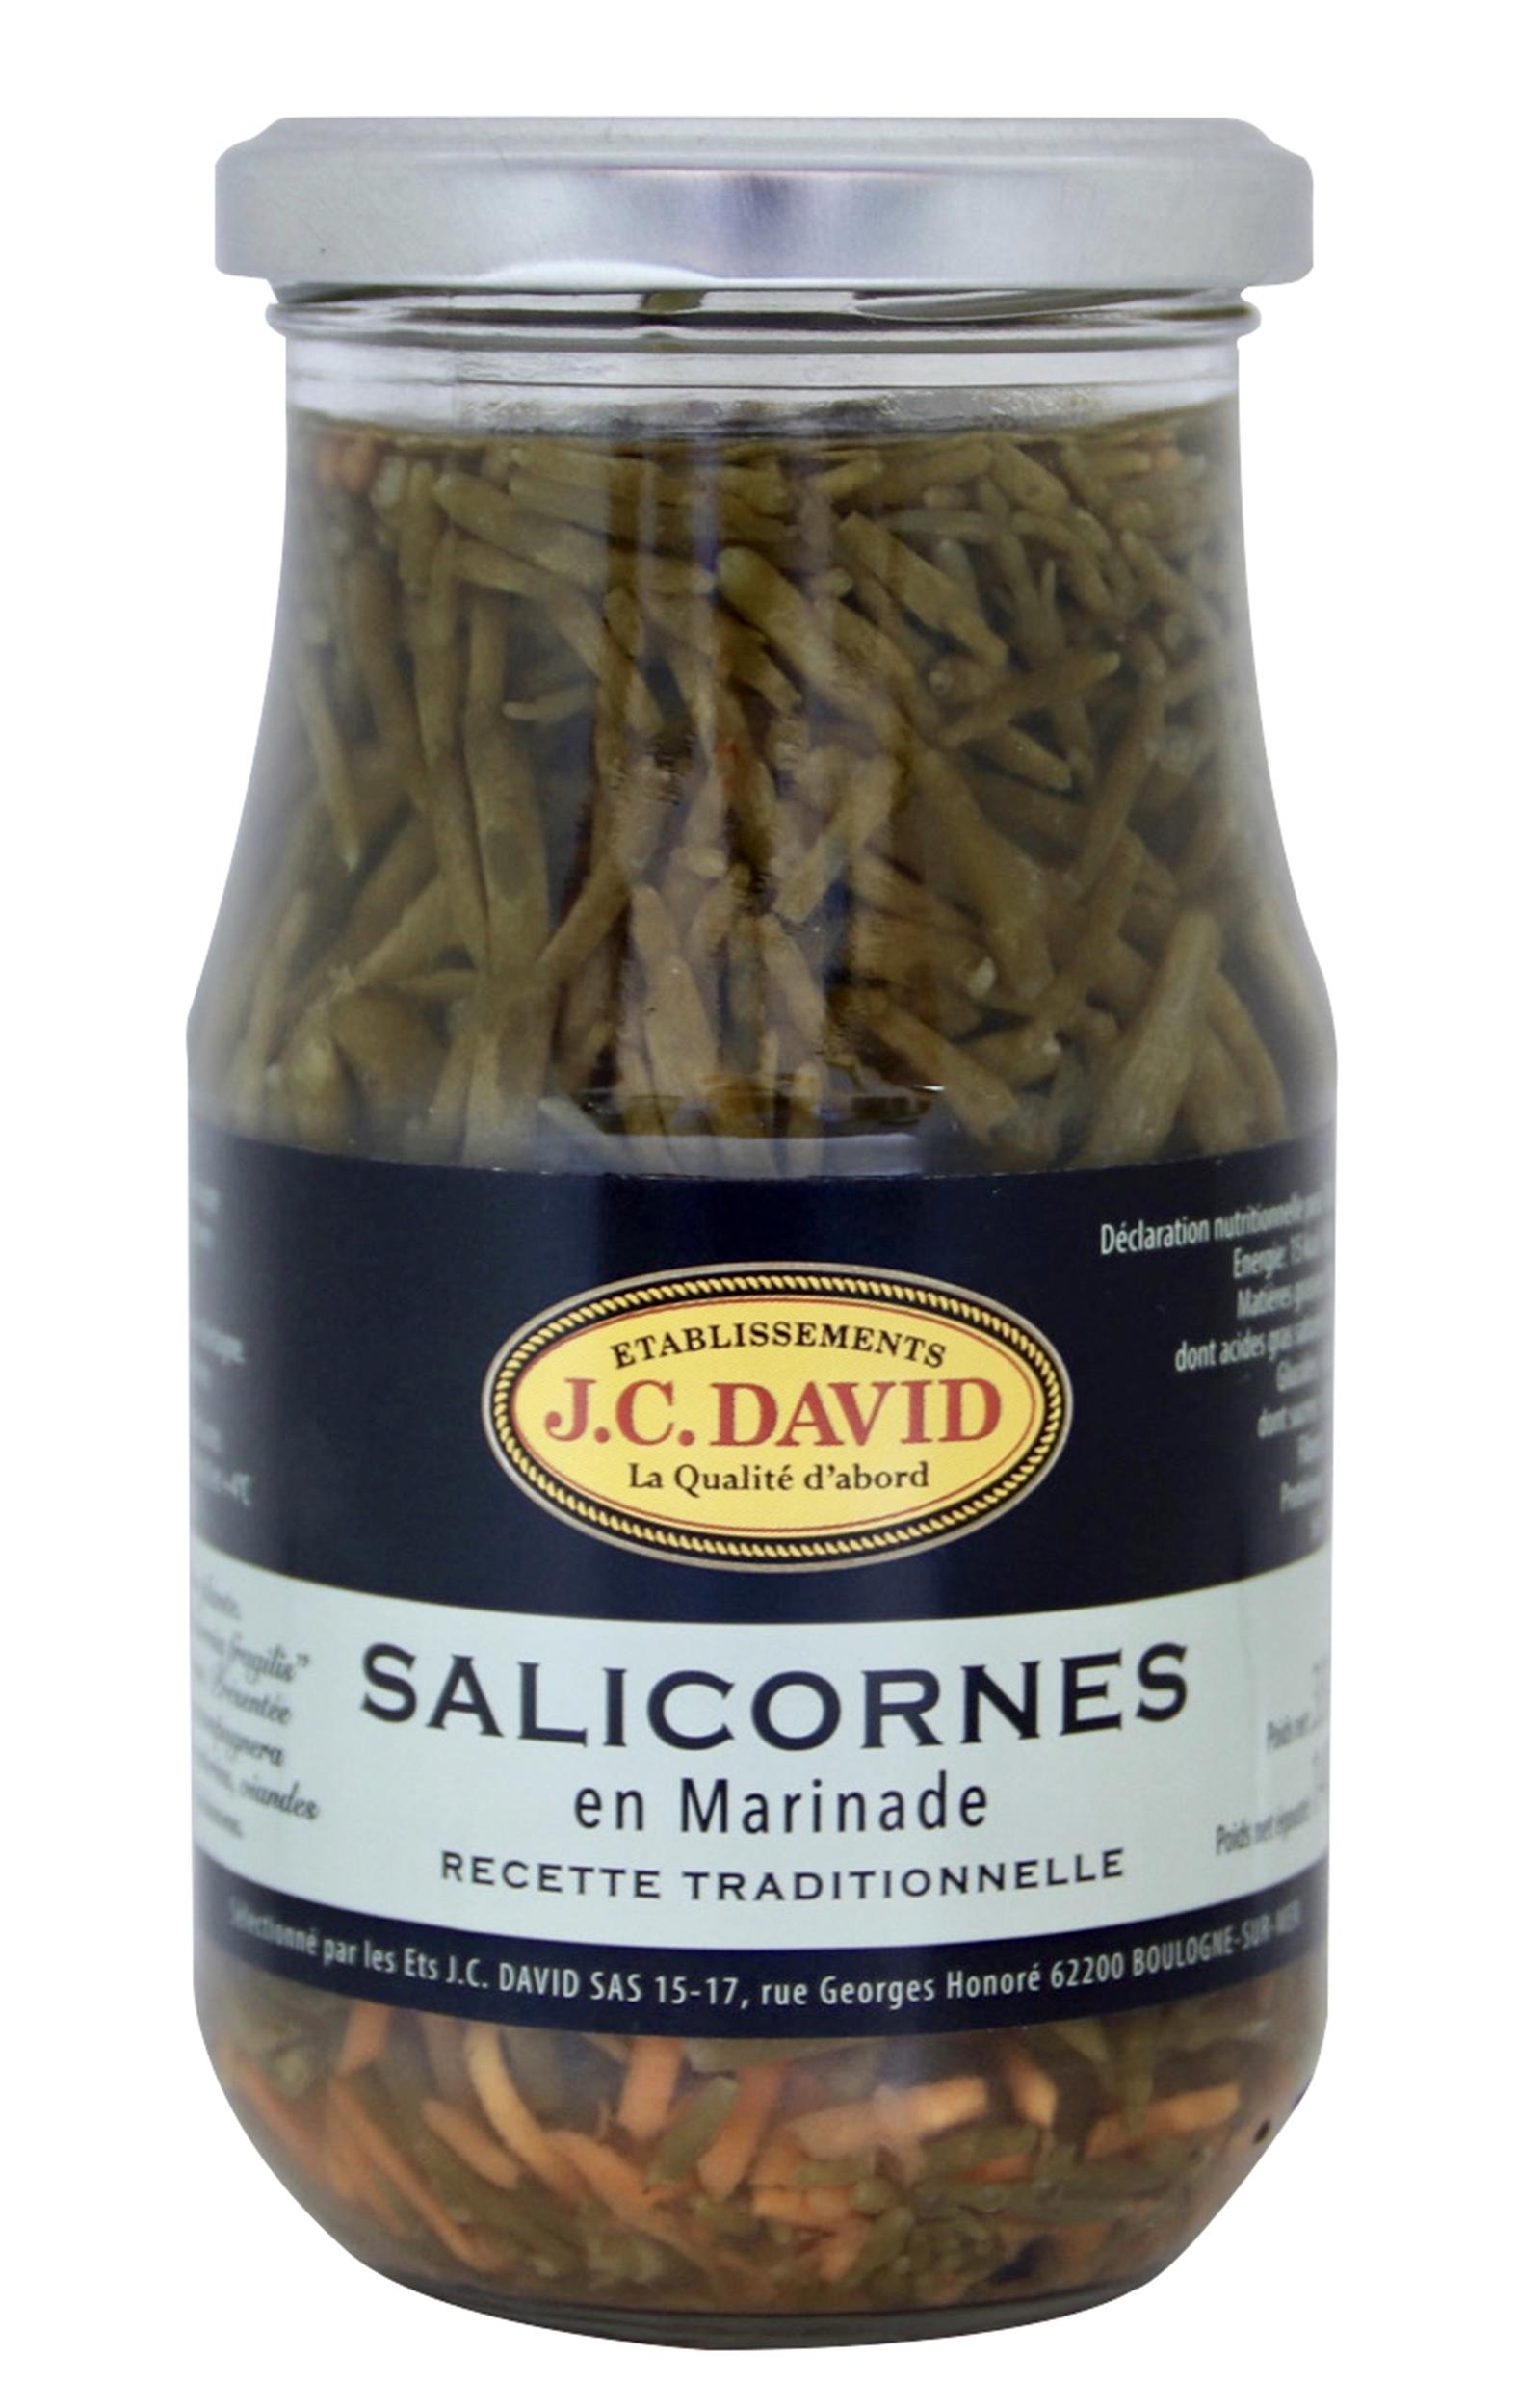 SALICORNES EN MARINADE - 140 g